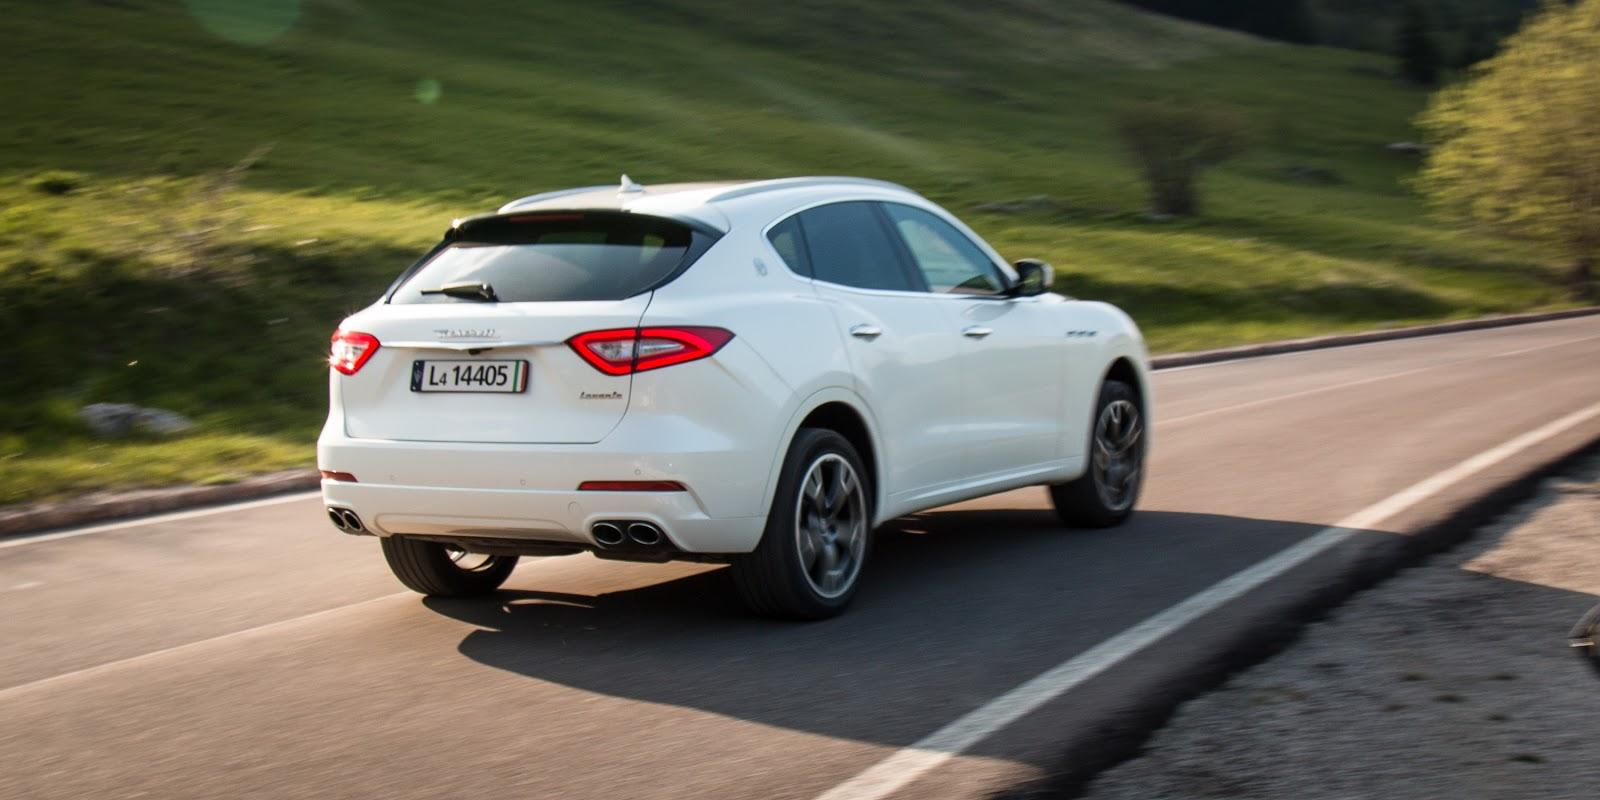 Bạn có nghĩ rằng trước mắt bạn là chiếc RX 350 được vuốt tròn?